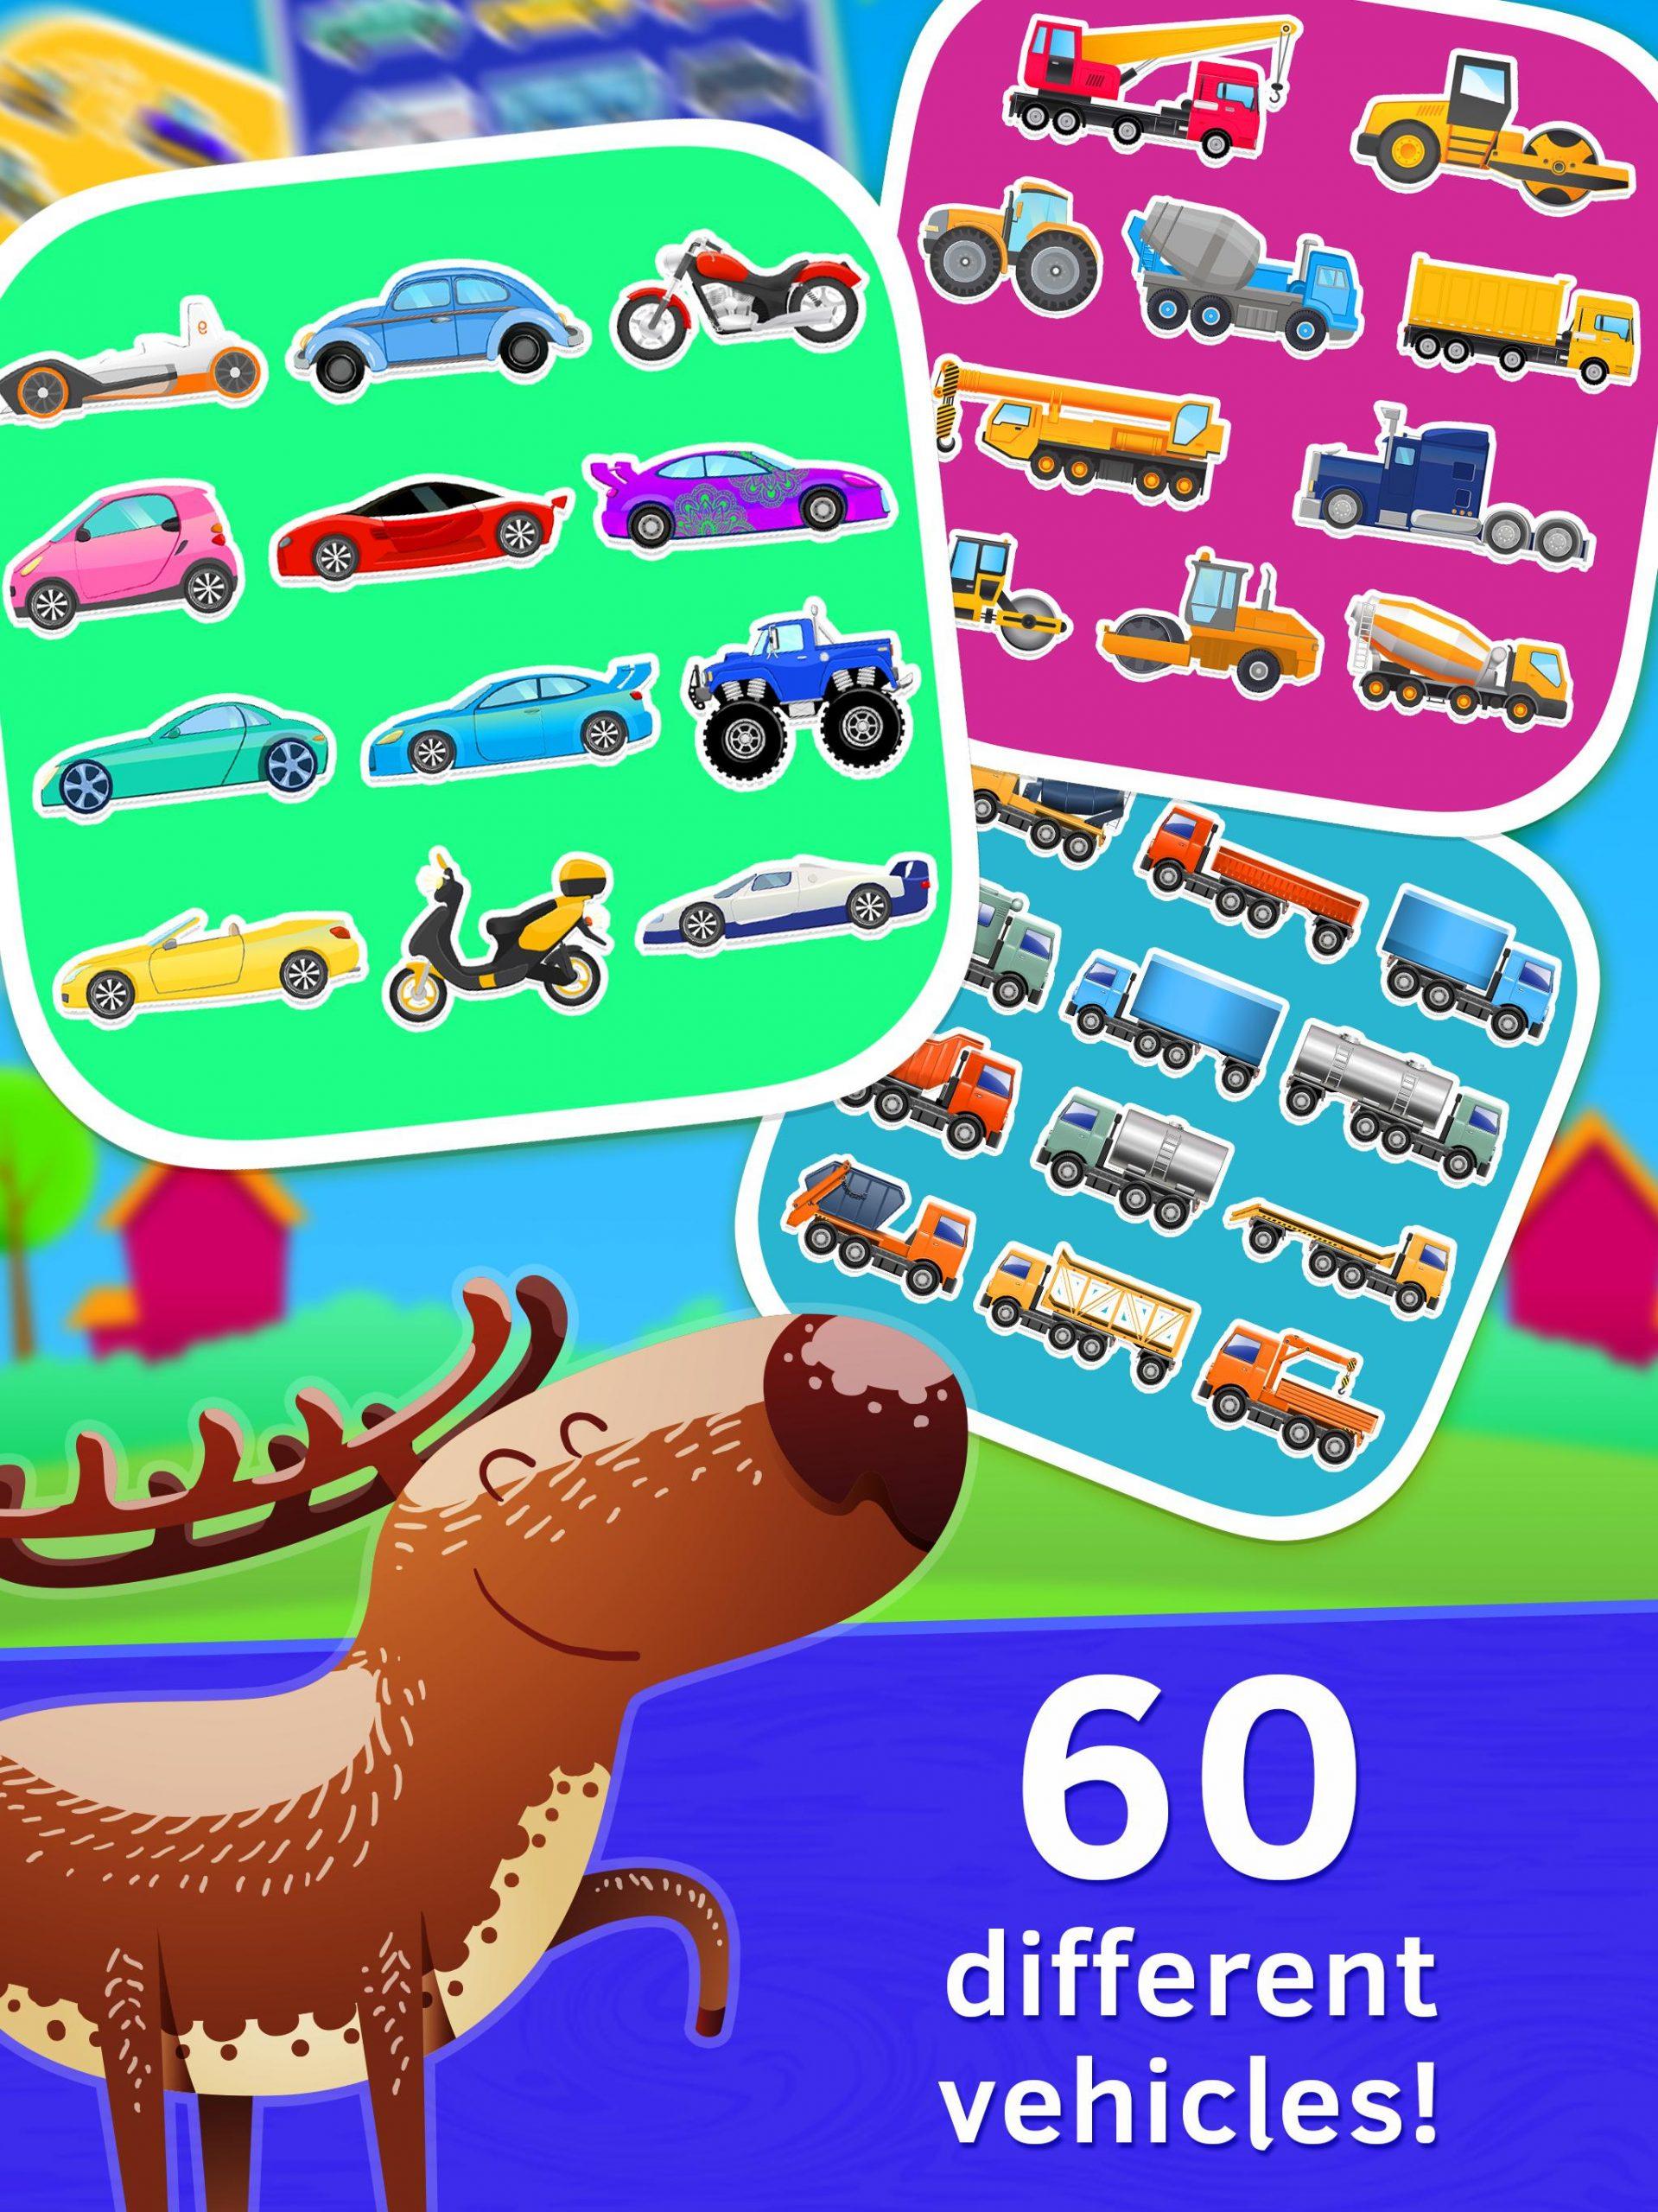 Jeux De Puzzle Cars Gratuit Pour Android - Téléchargez L'apk avec Jeu De Puzzl Gratuit